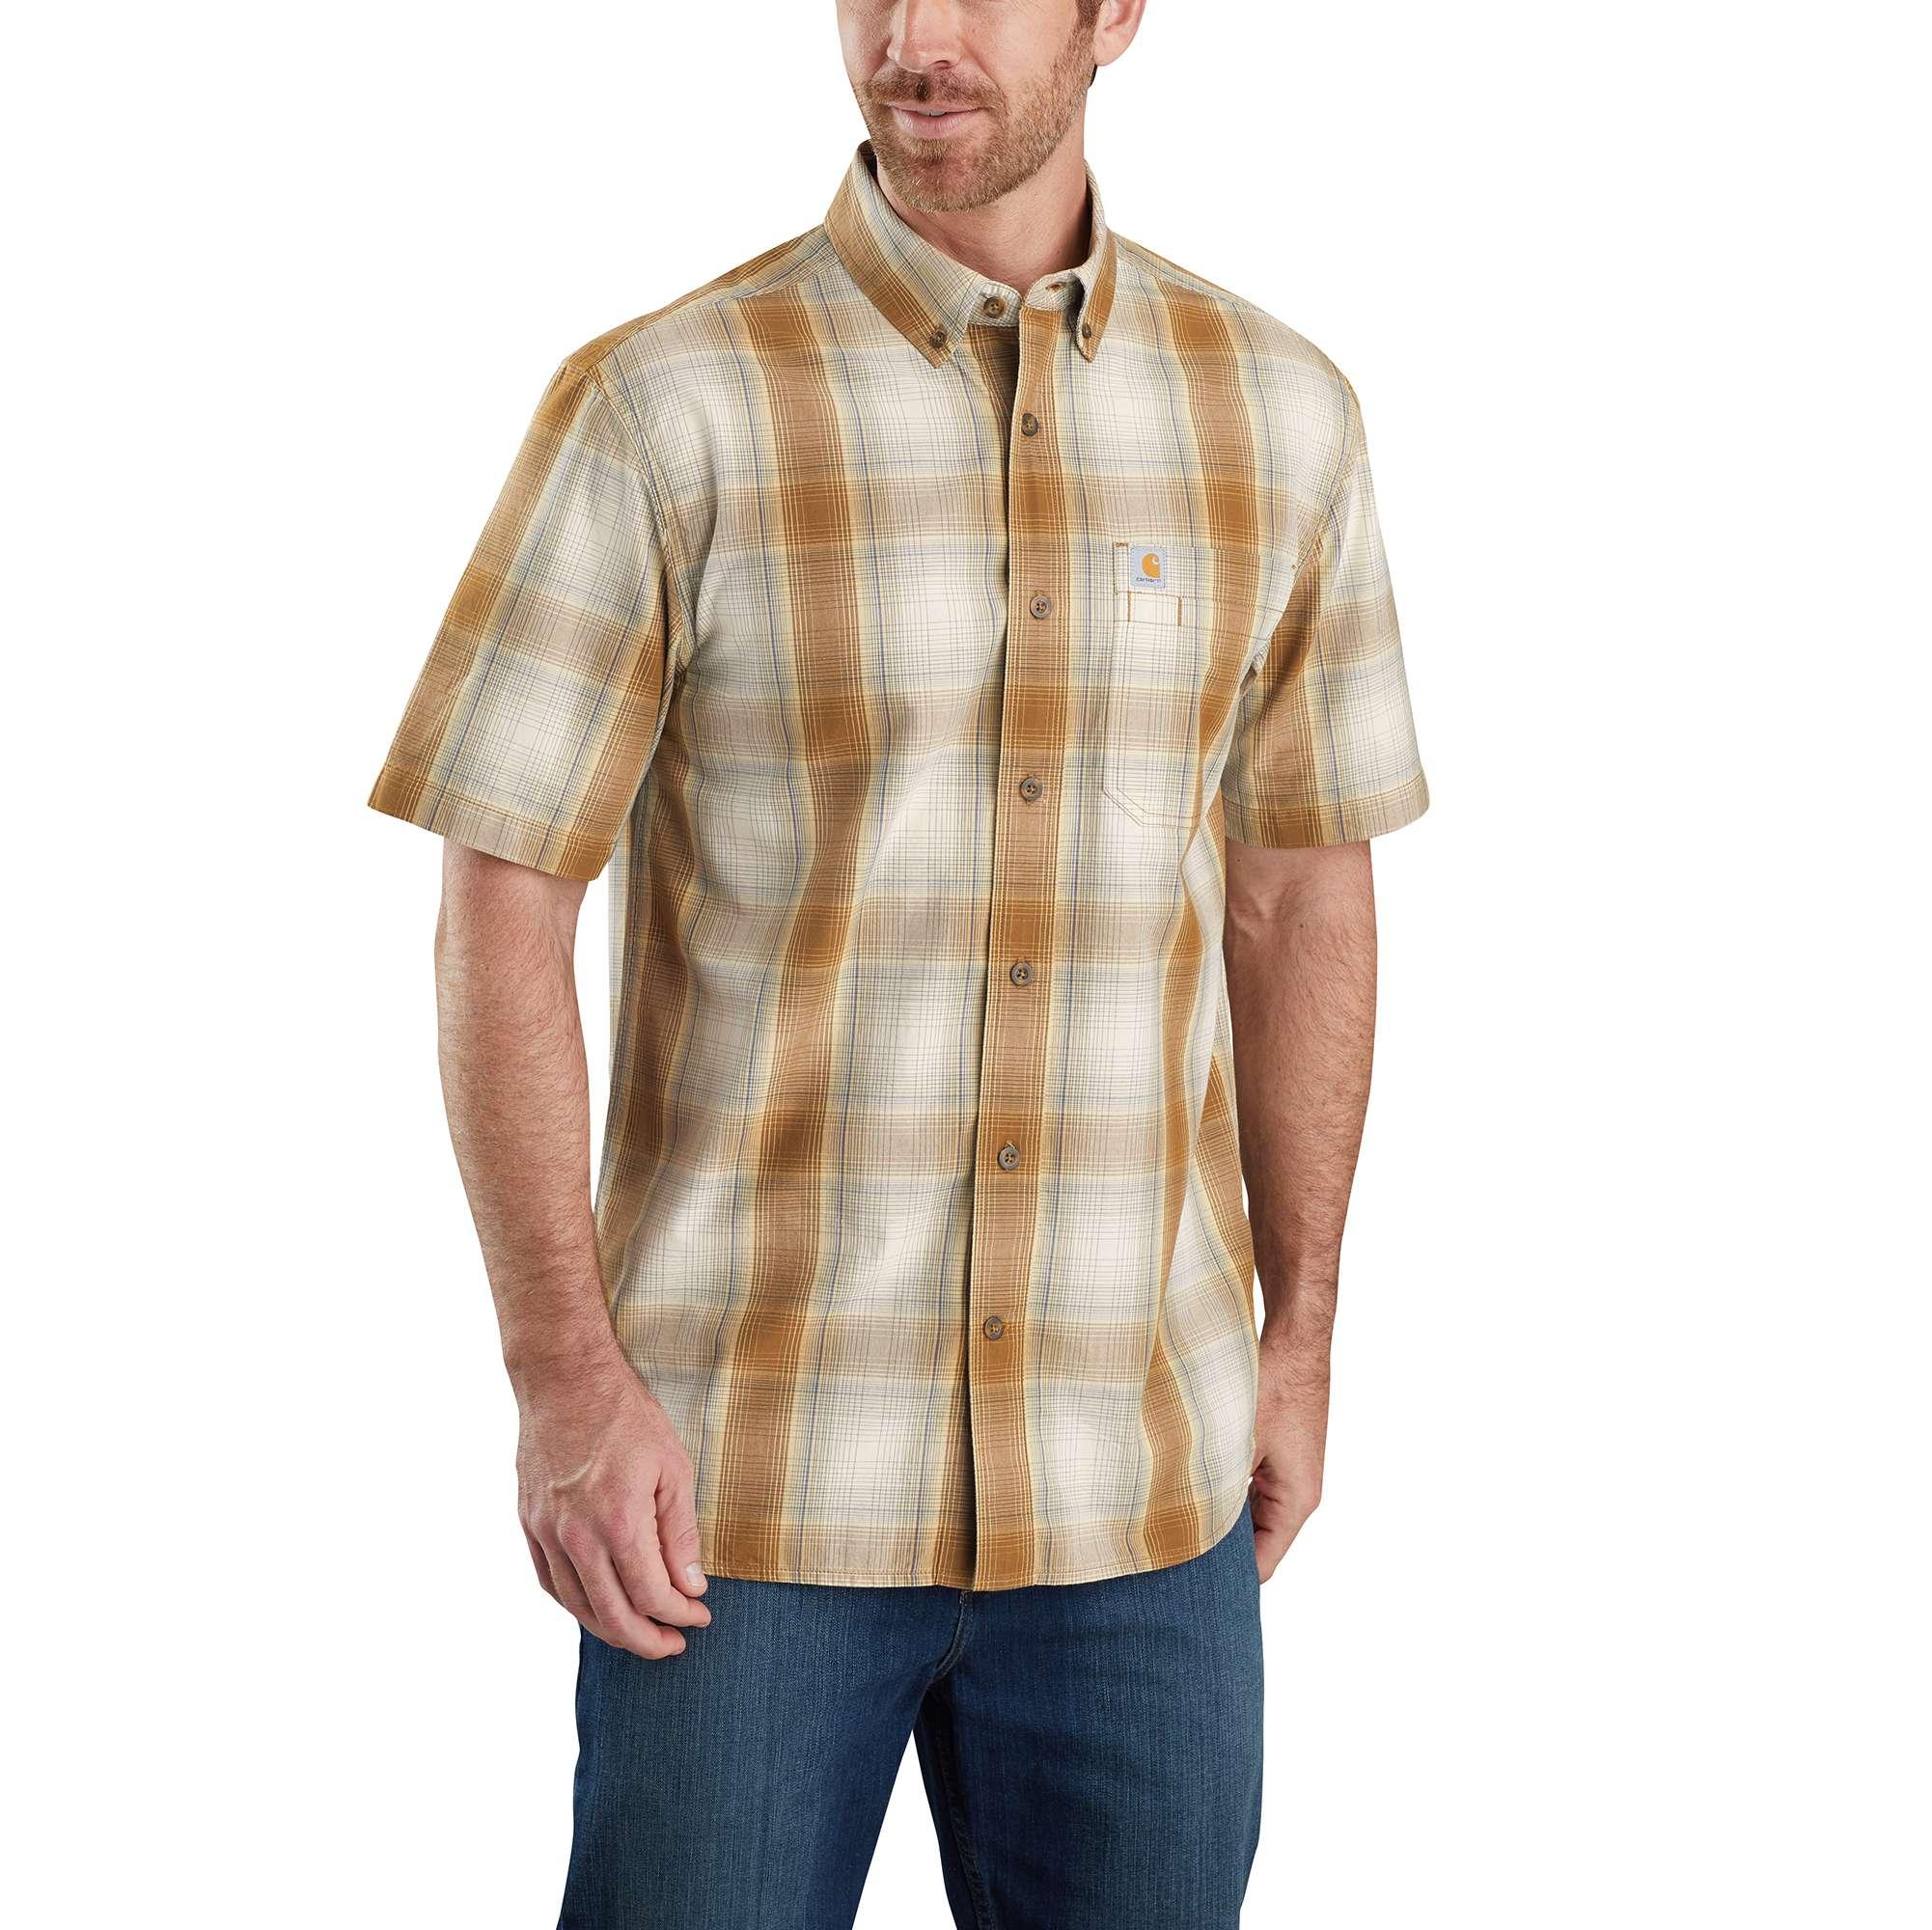 Carhartt Relaxed Fit Lightweight Short-Sleeve Button-Front Plaid Shirt